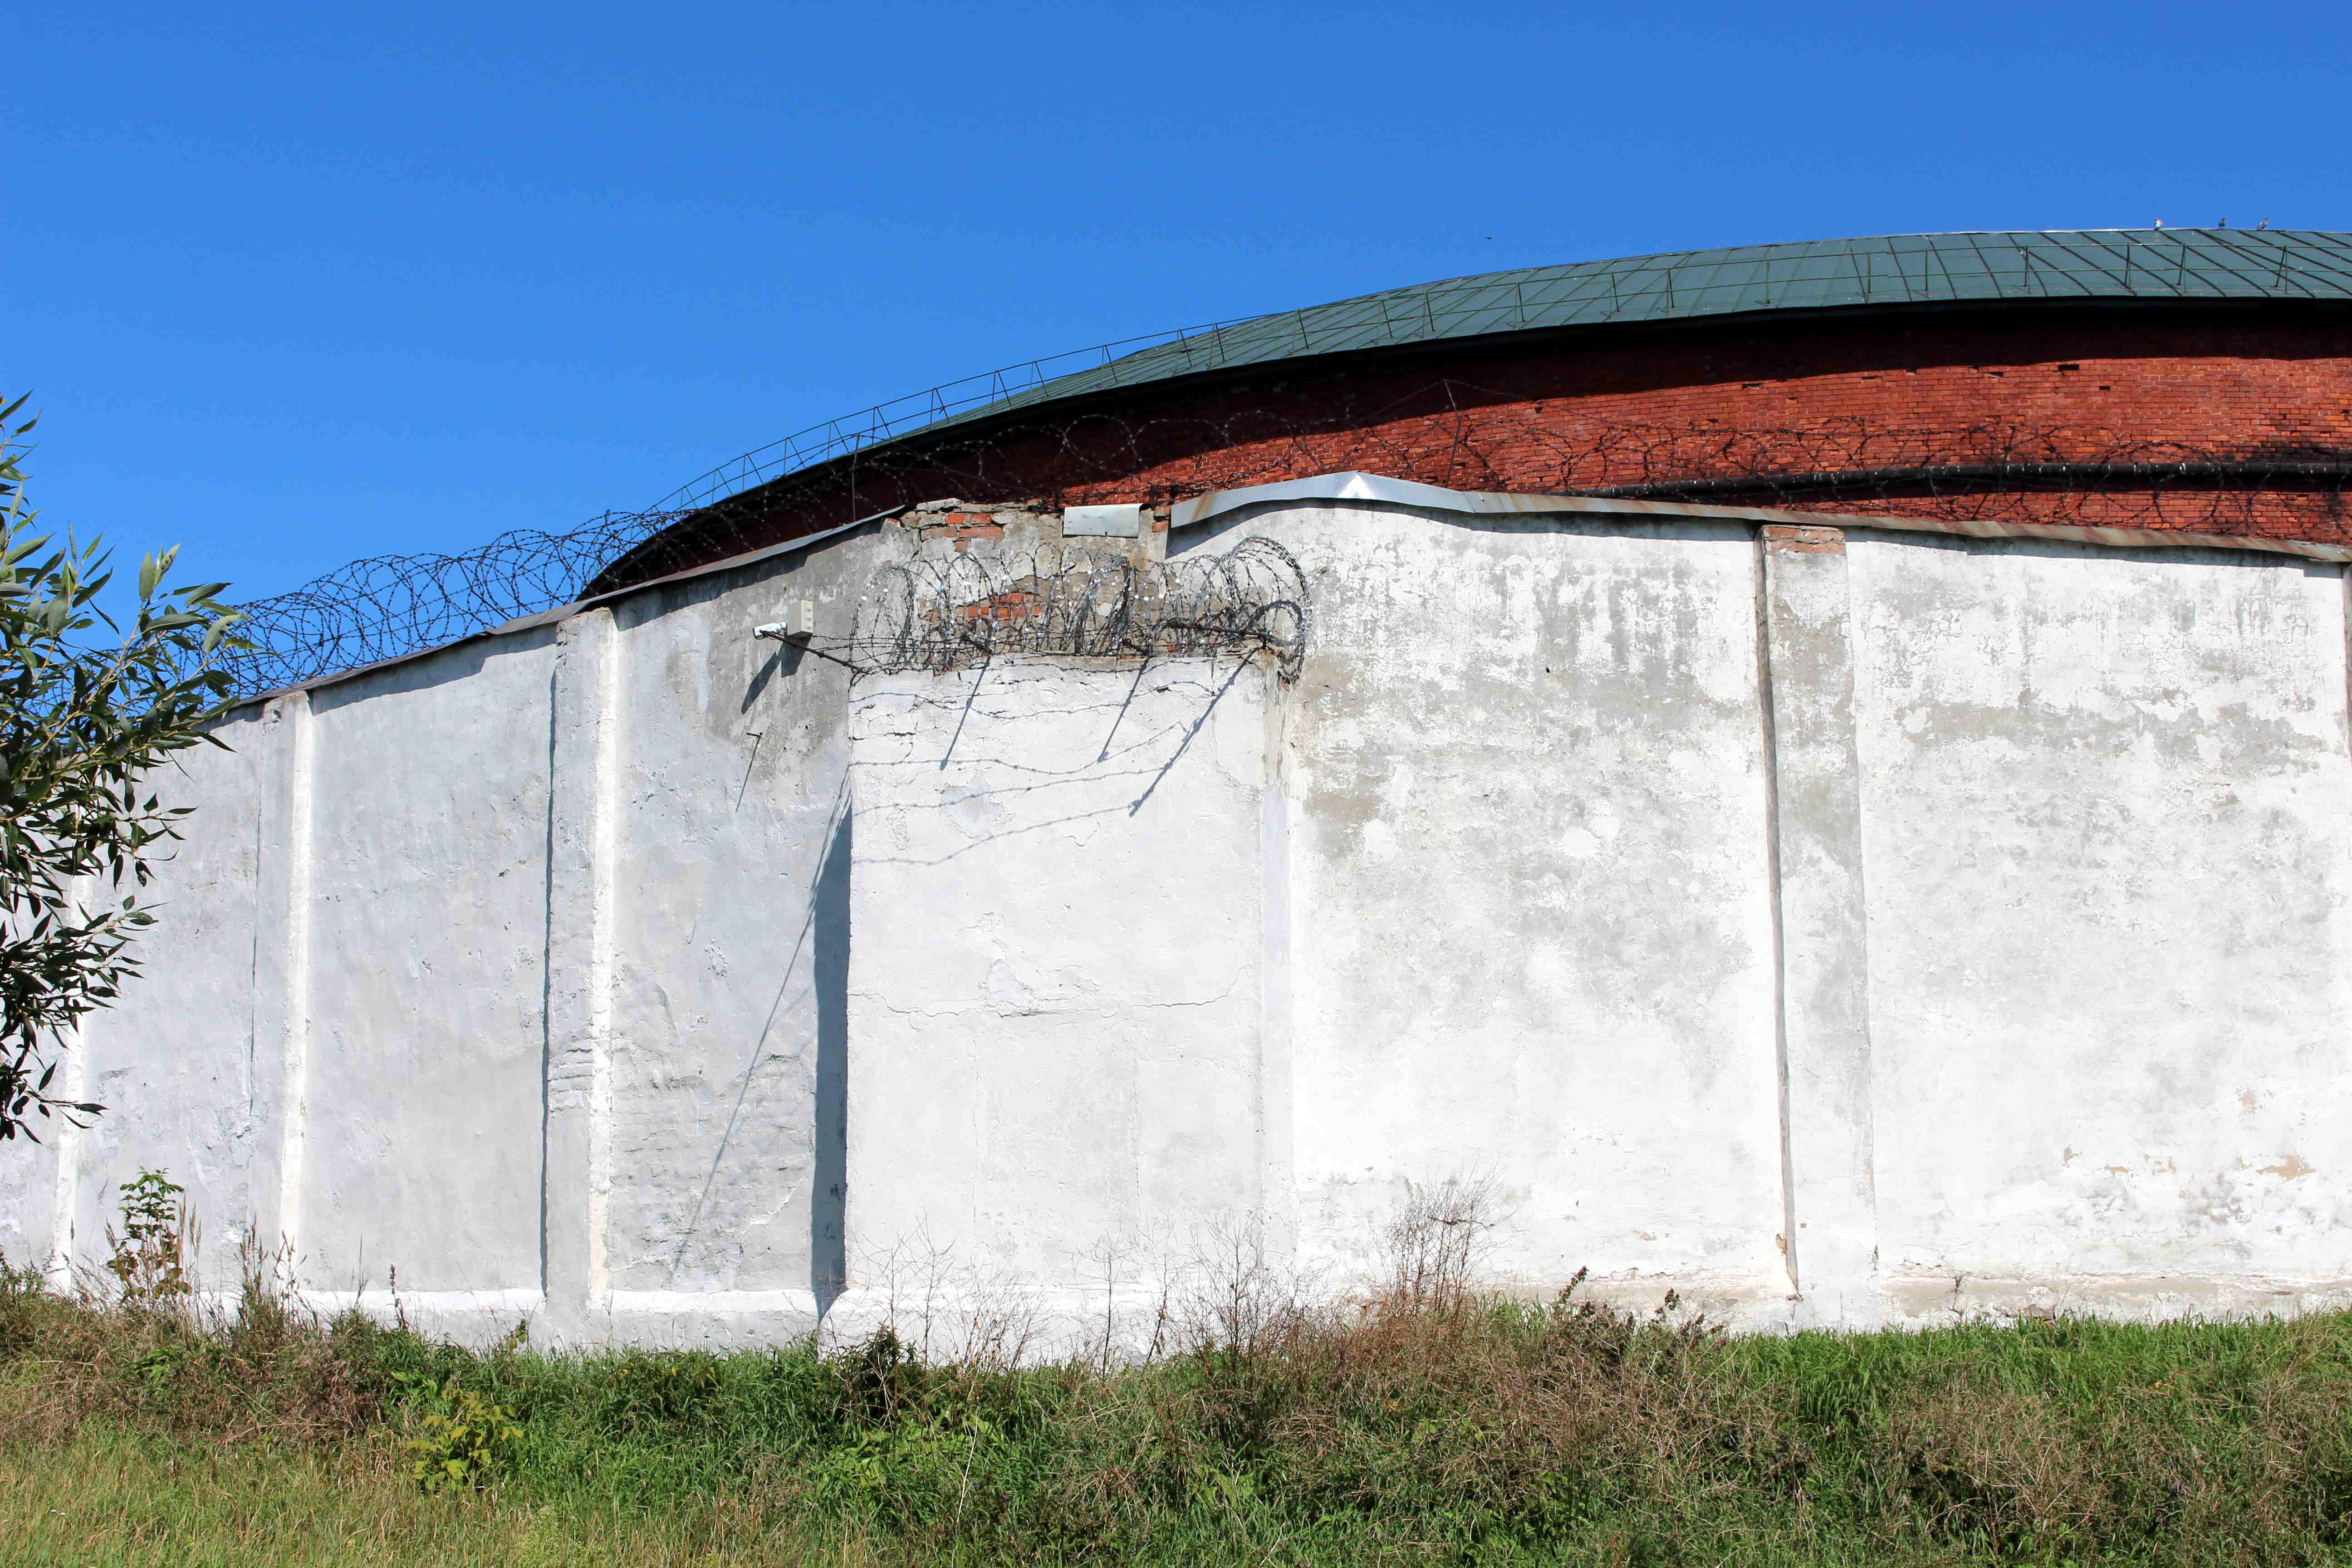 Департамент МВД «не заметил» листы железа на окнах бобруйского СИЗО. На фото они видны превосходно